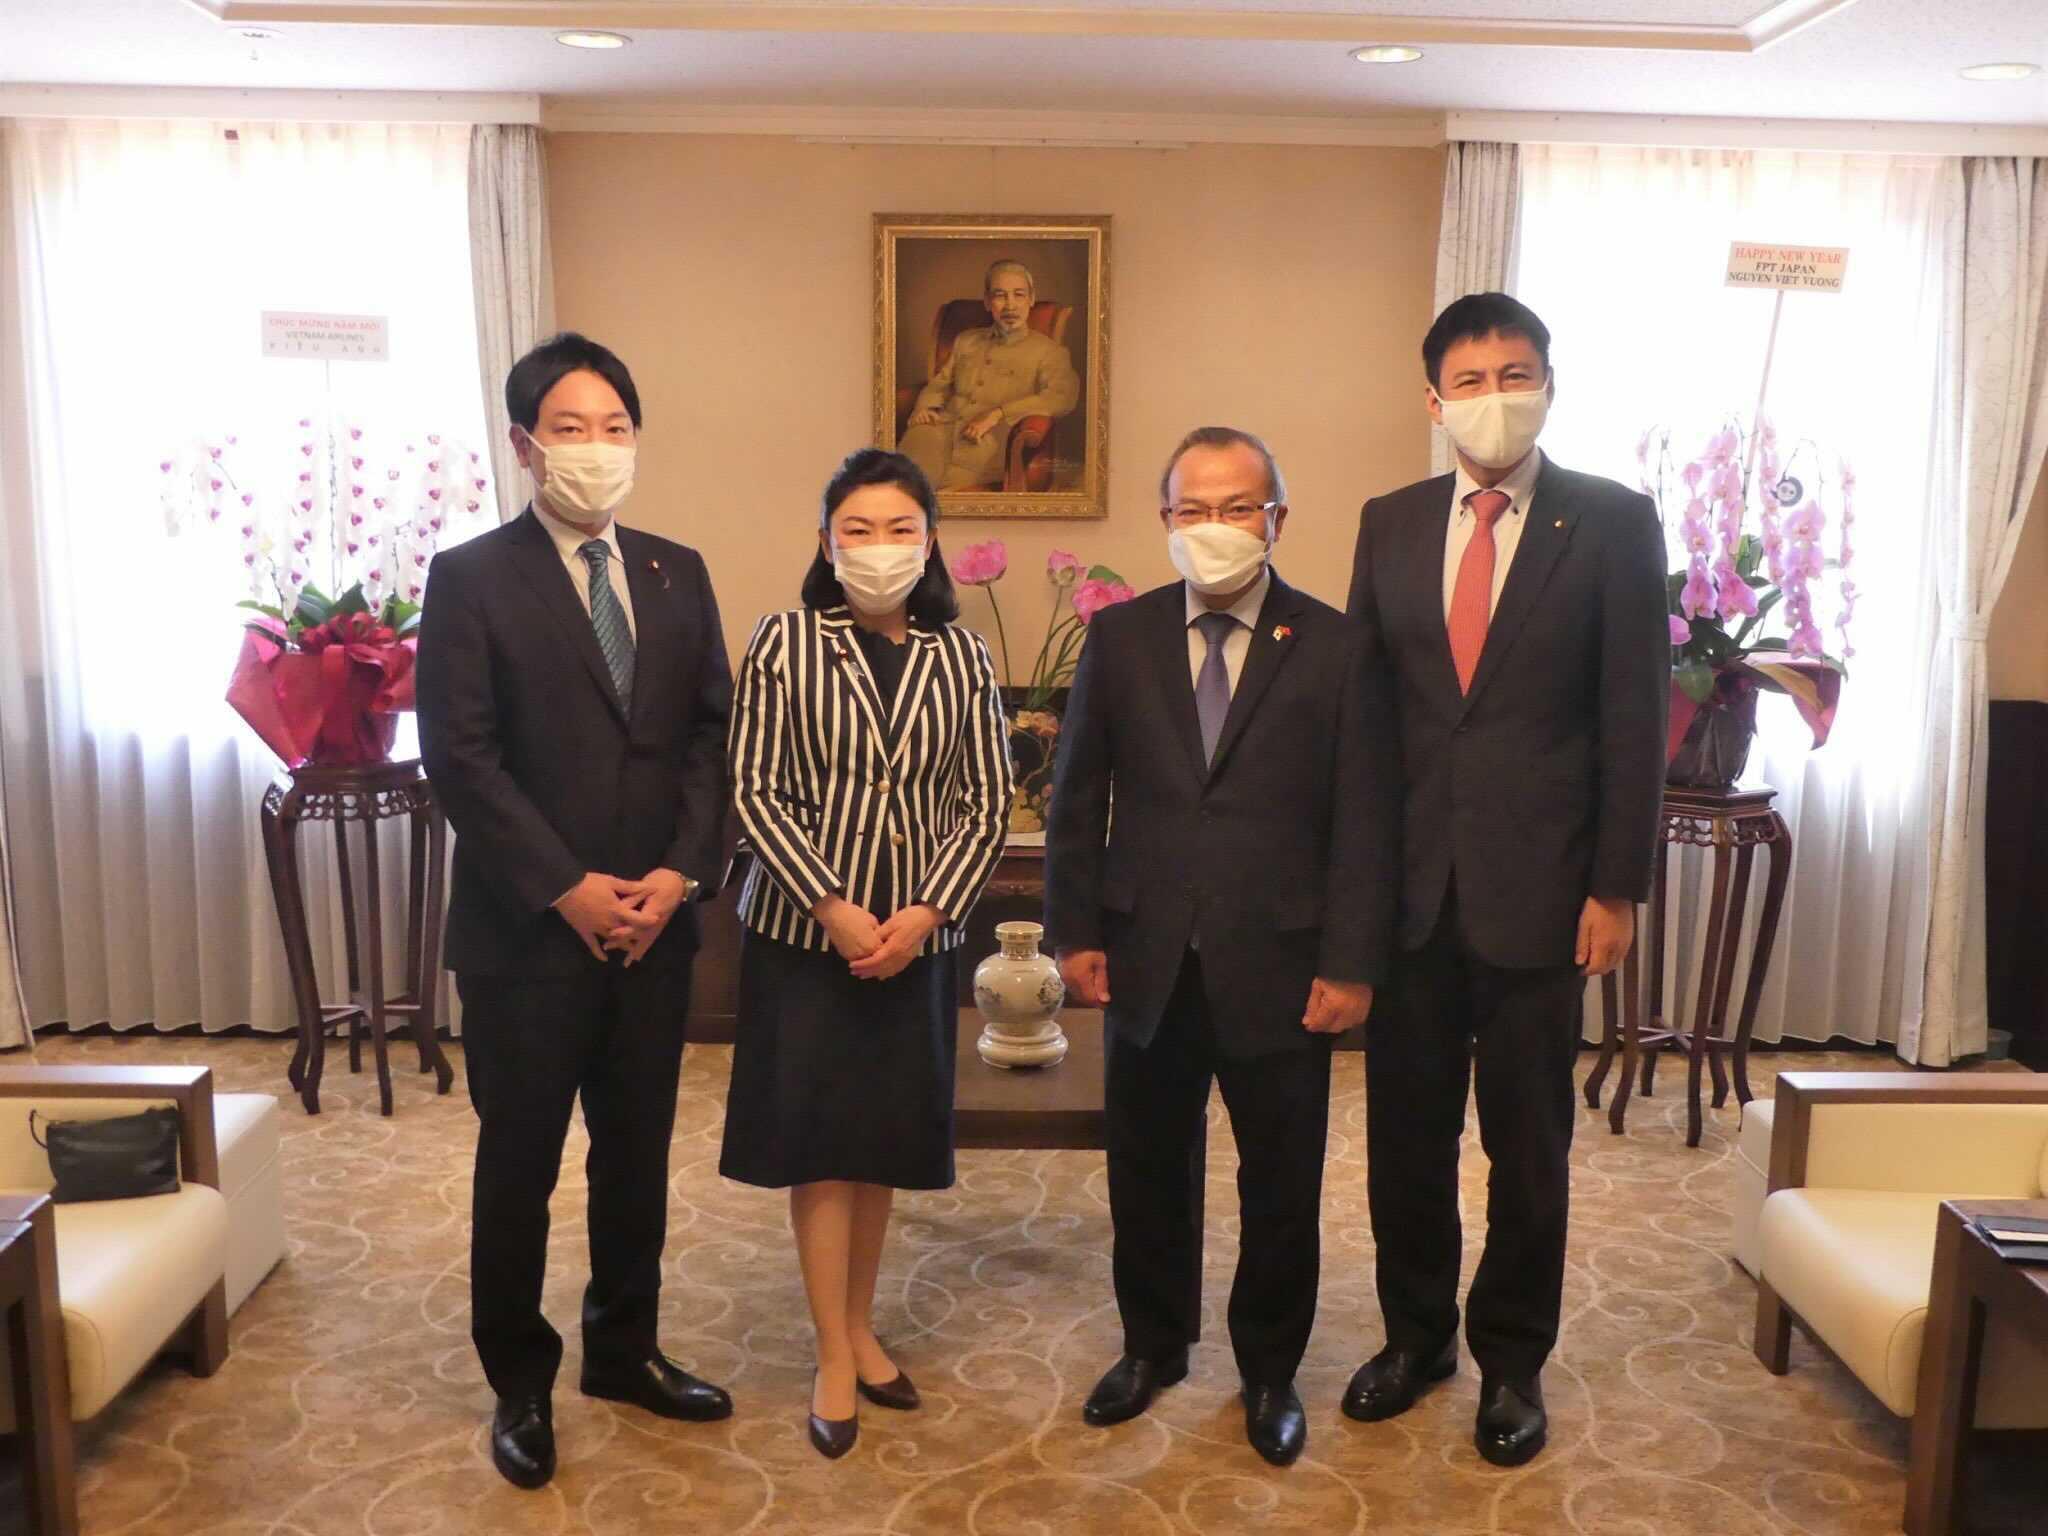 ベトナム大使館を訪問 - たけい俊輔(タケイシュンスケ) | 選挙ドットコム